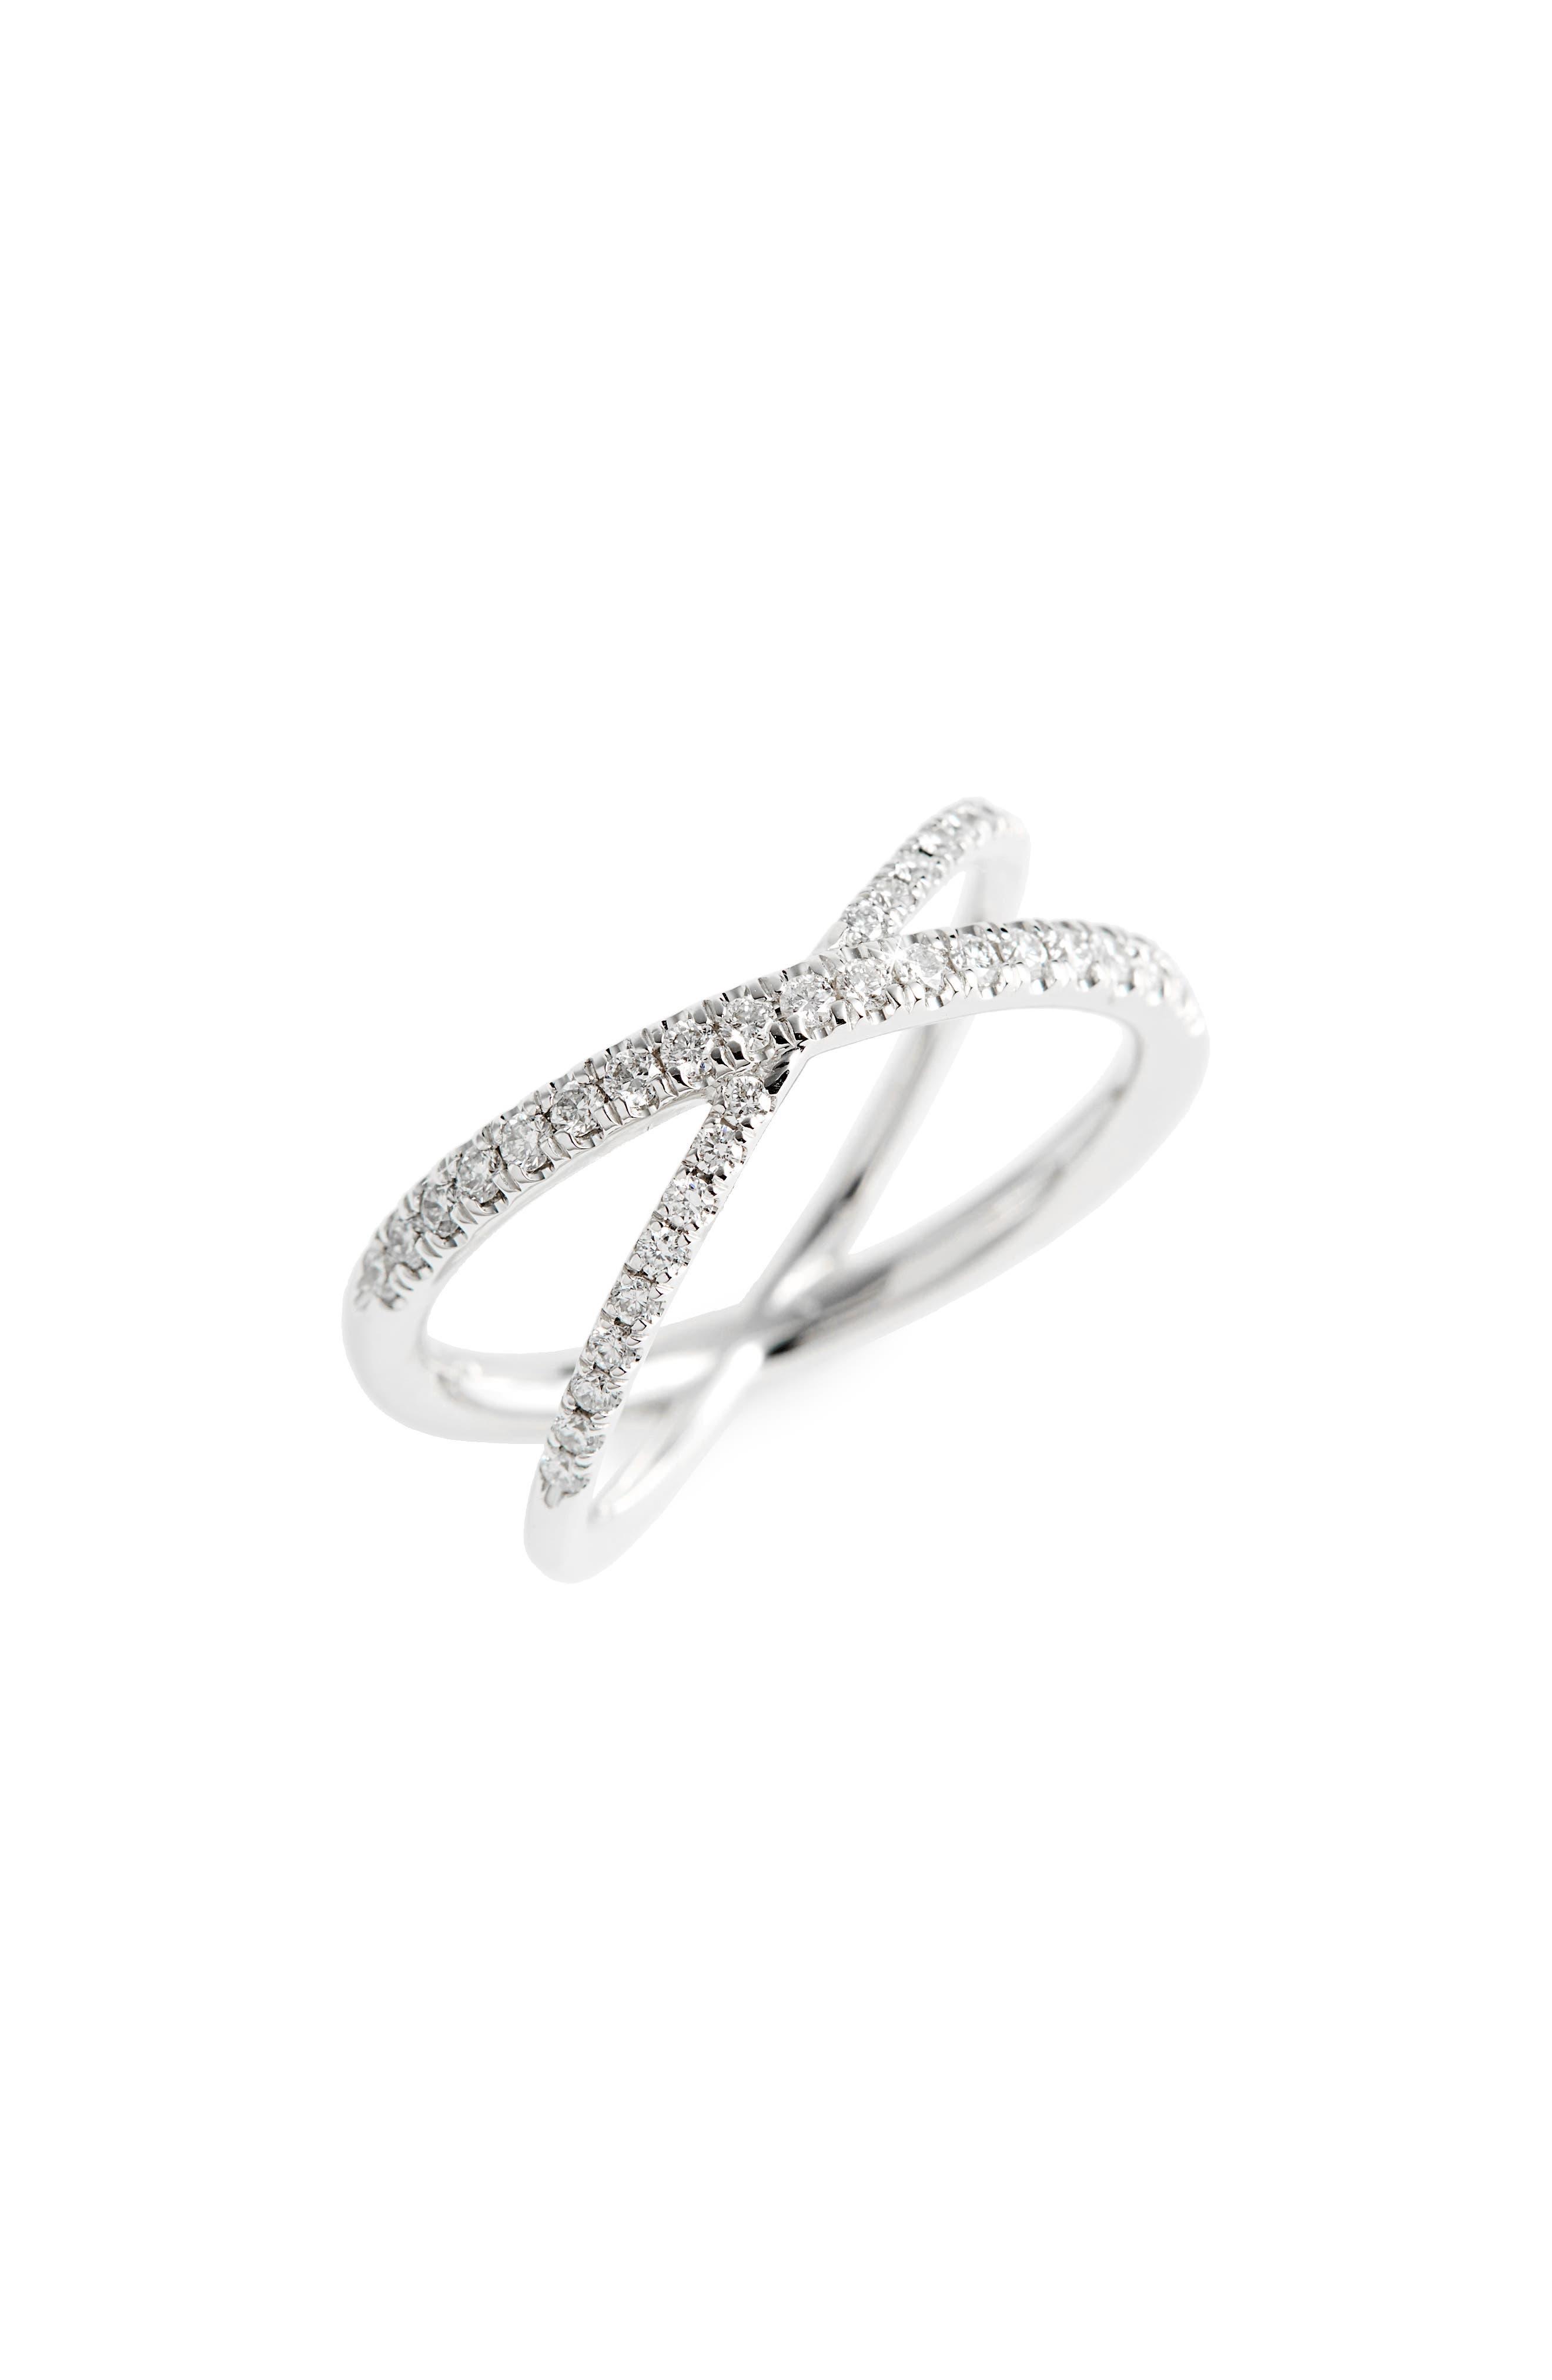 Diamond Crisscross Ring,                             Main thumbnail 1, color,                             White Gold